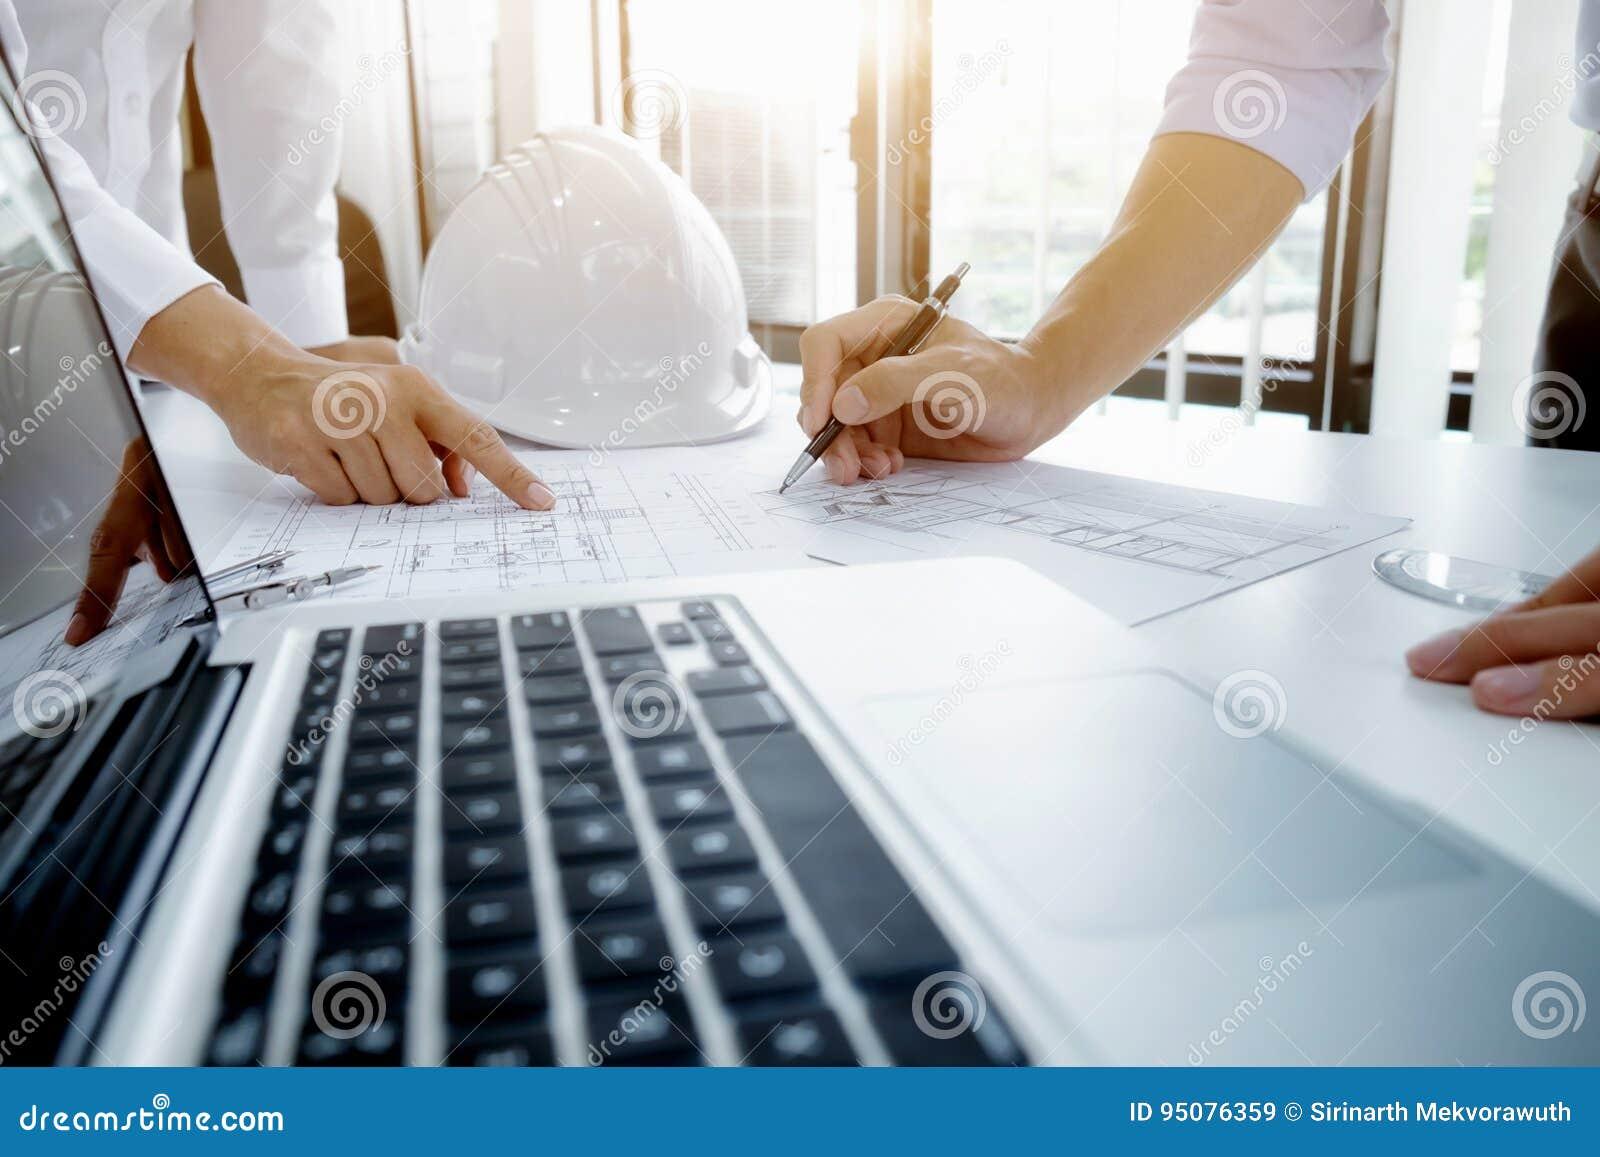 Réunion d ingénieur pour le projet architectural Travail avec l associé